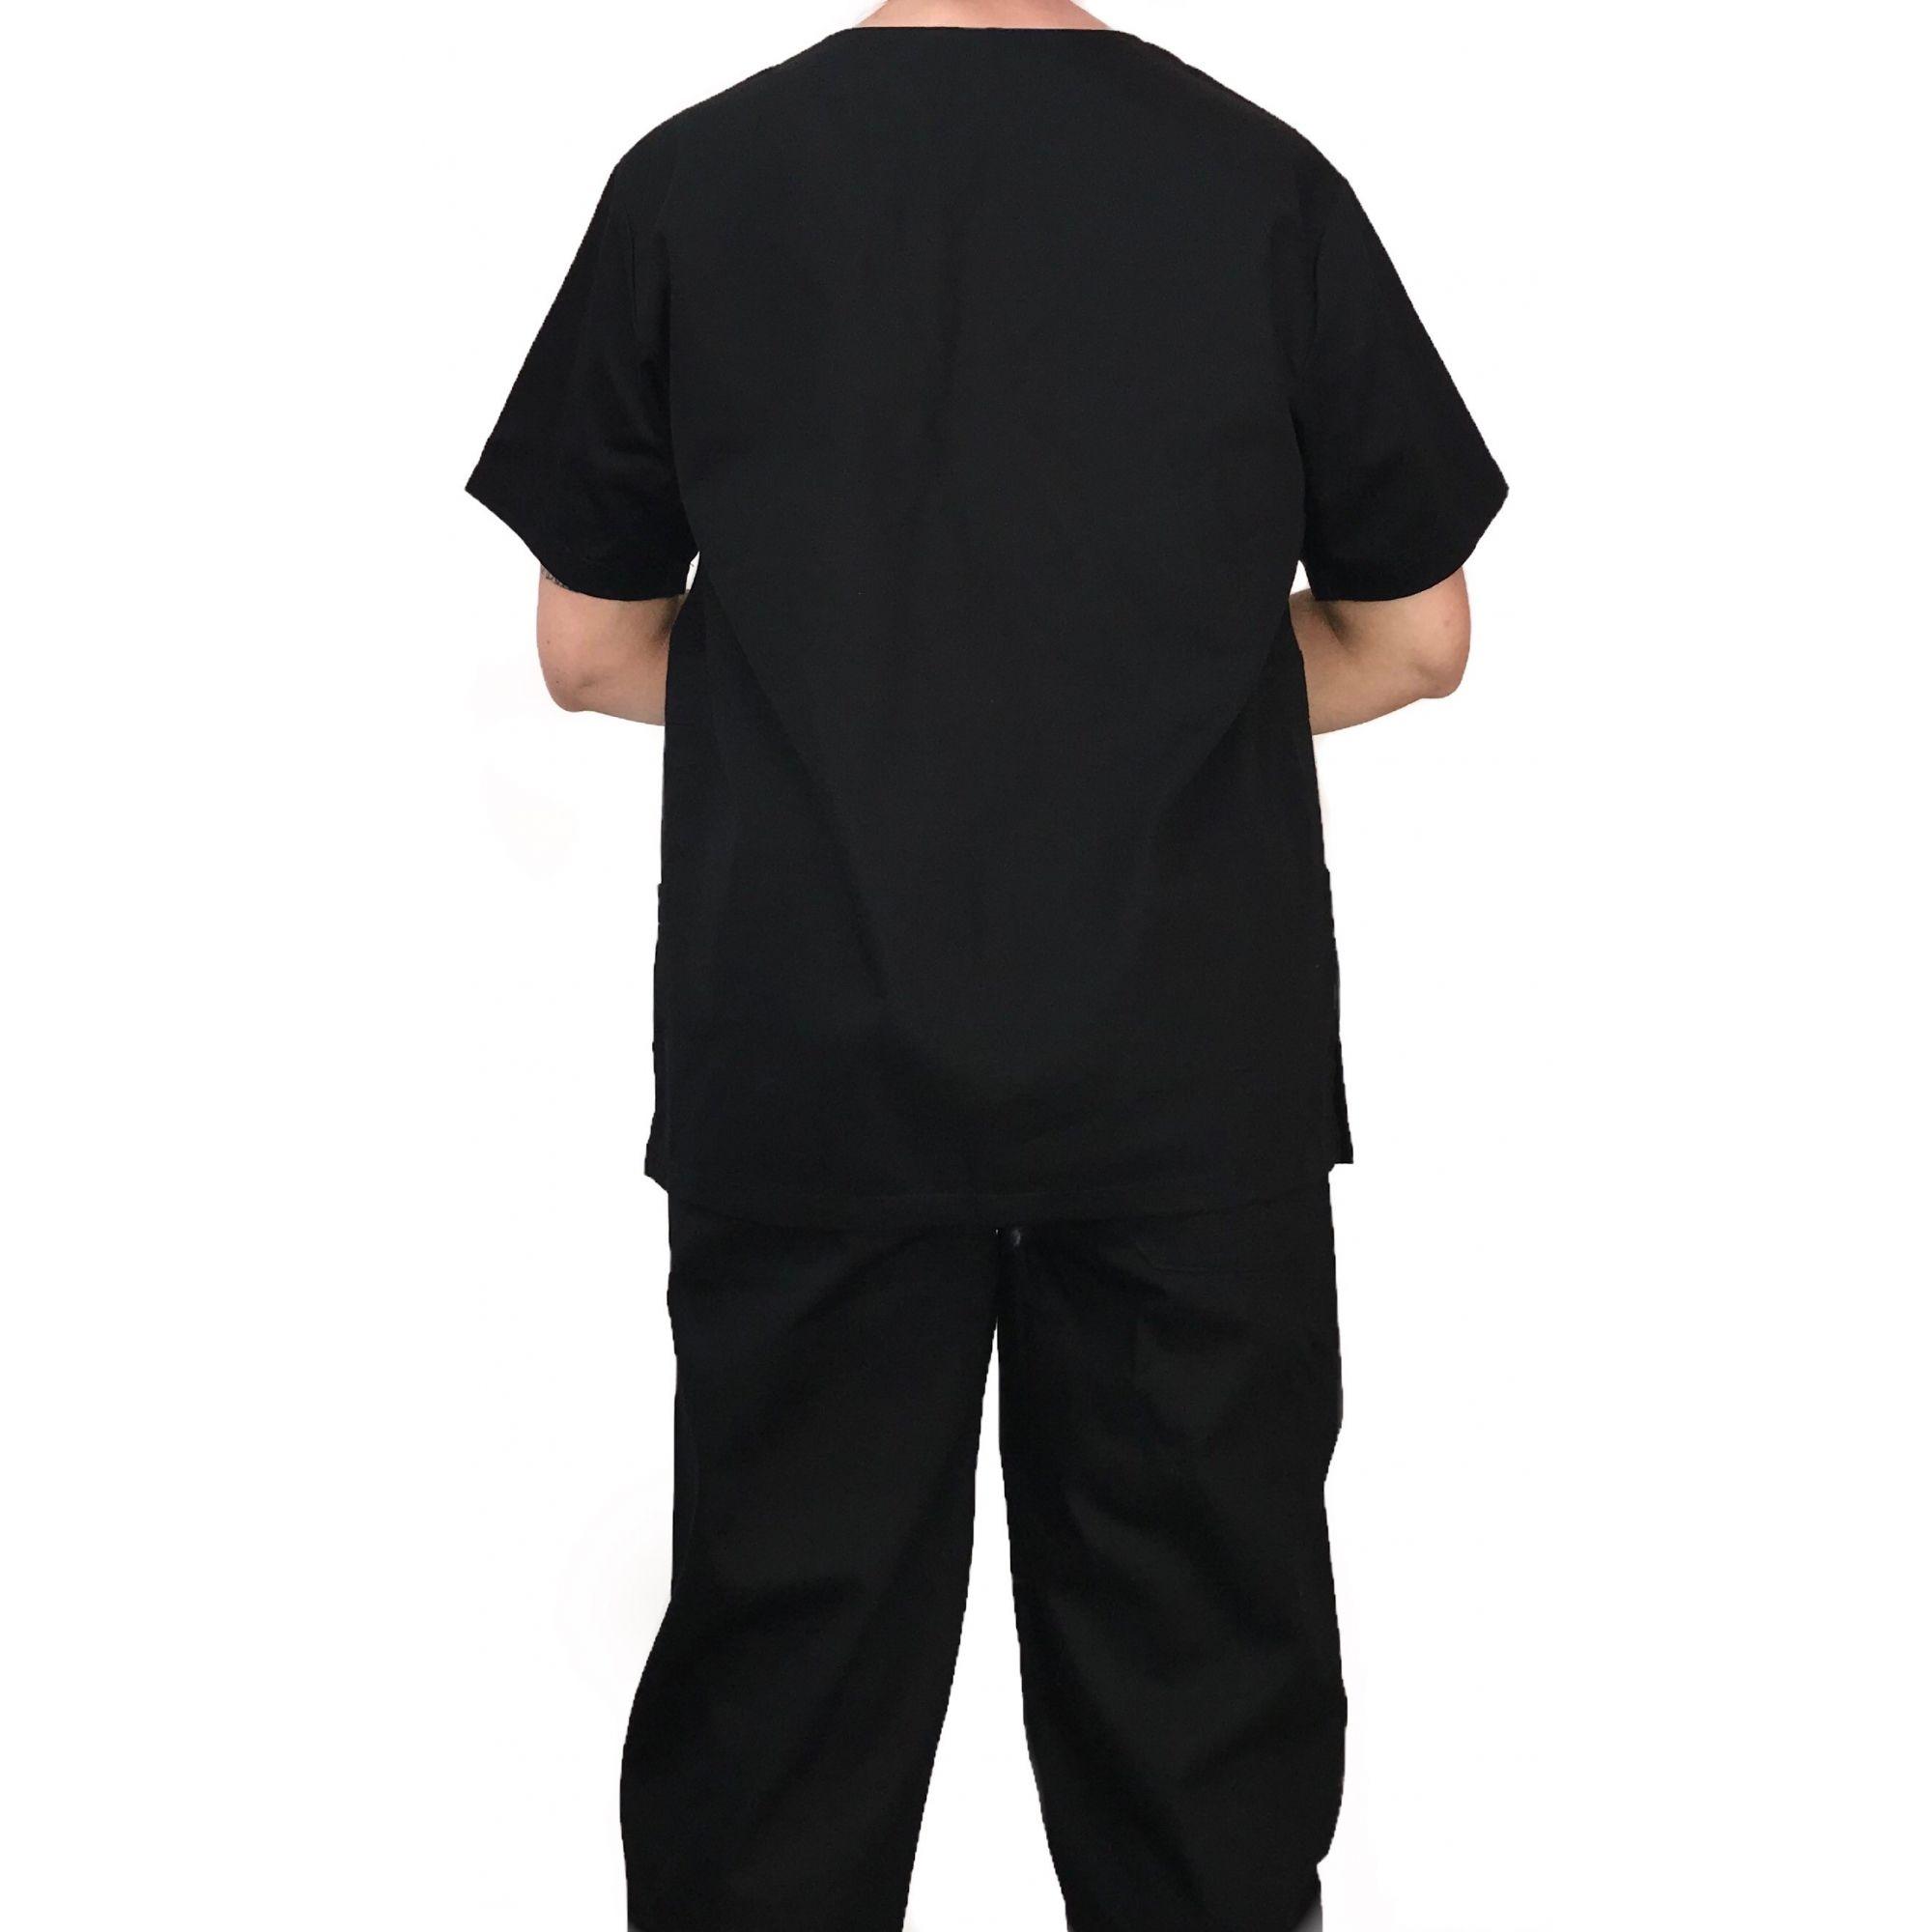 Conjunto Pijama Cirurgico SCRUB MASCULINO  Camisa PRETA e Calça PRETA com Cordão Tecido 100% algodão